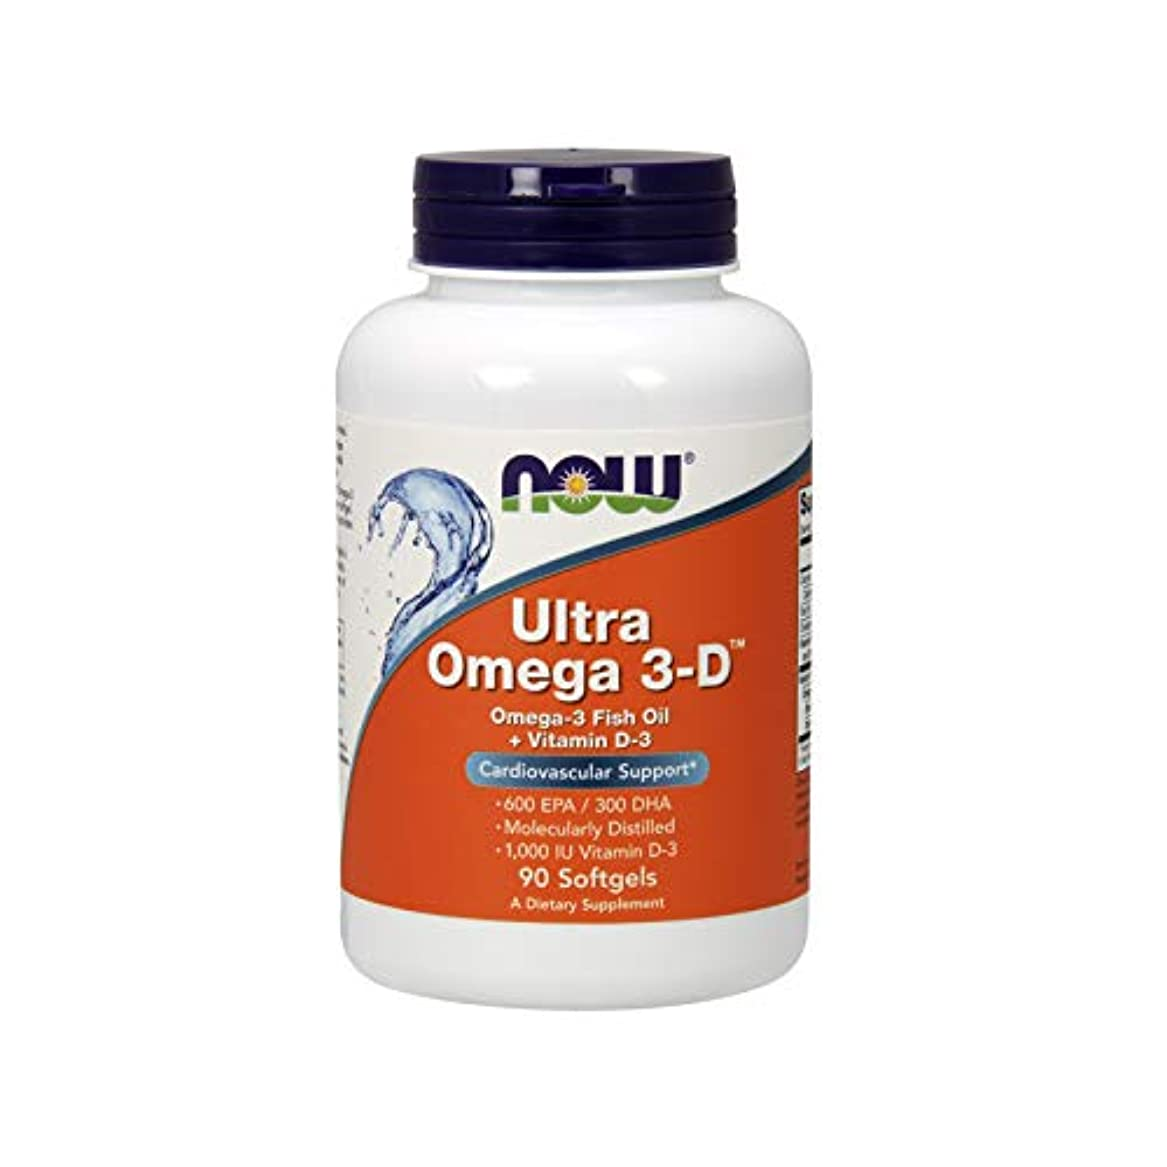 スモッグ興味角度Now Foods Ultra Omega 3-D Softgels, 0.48 Pound